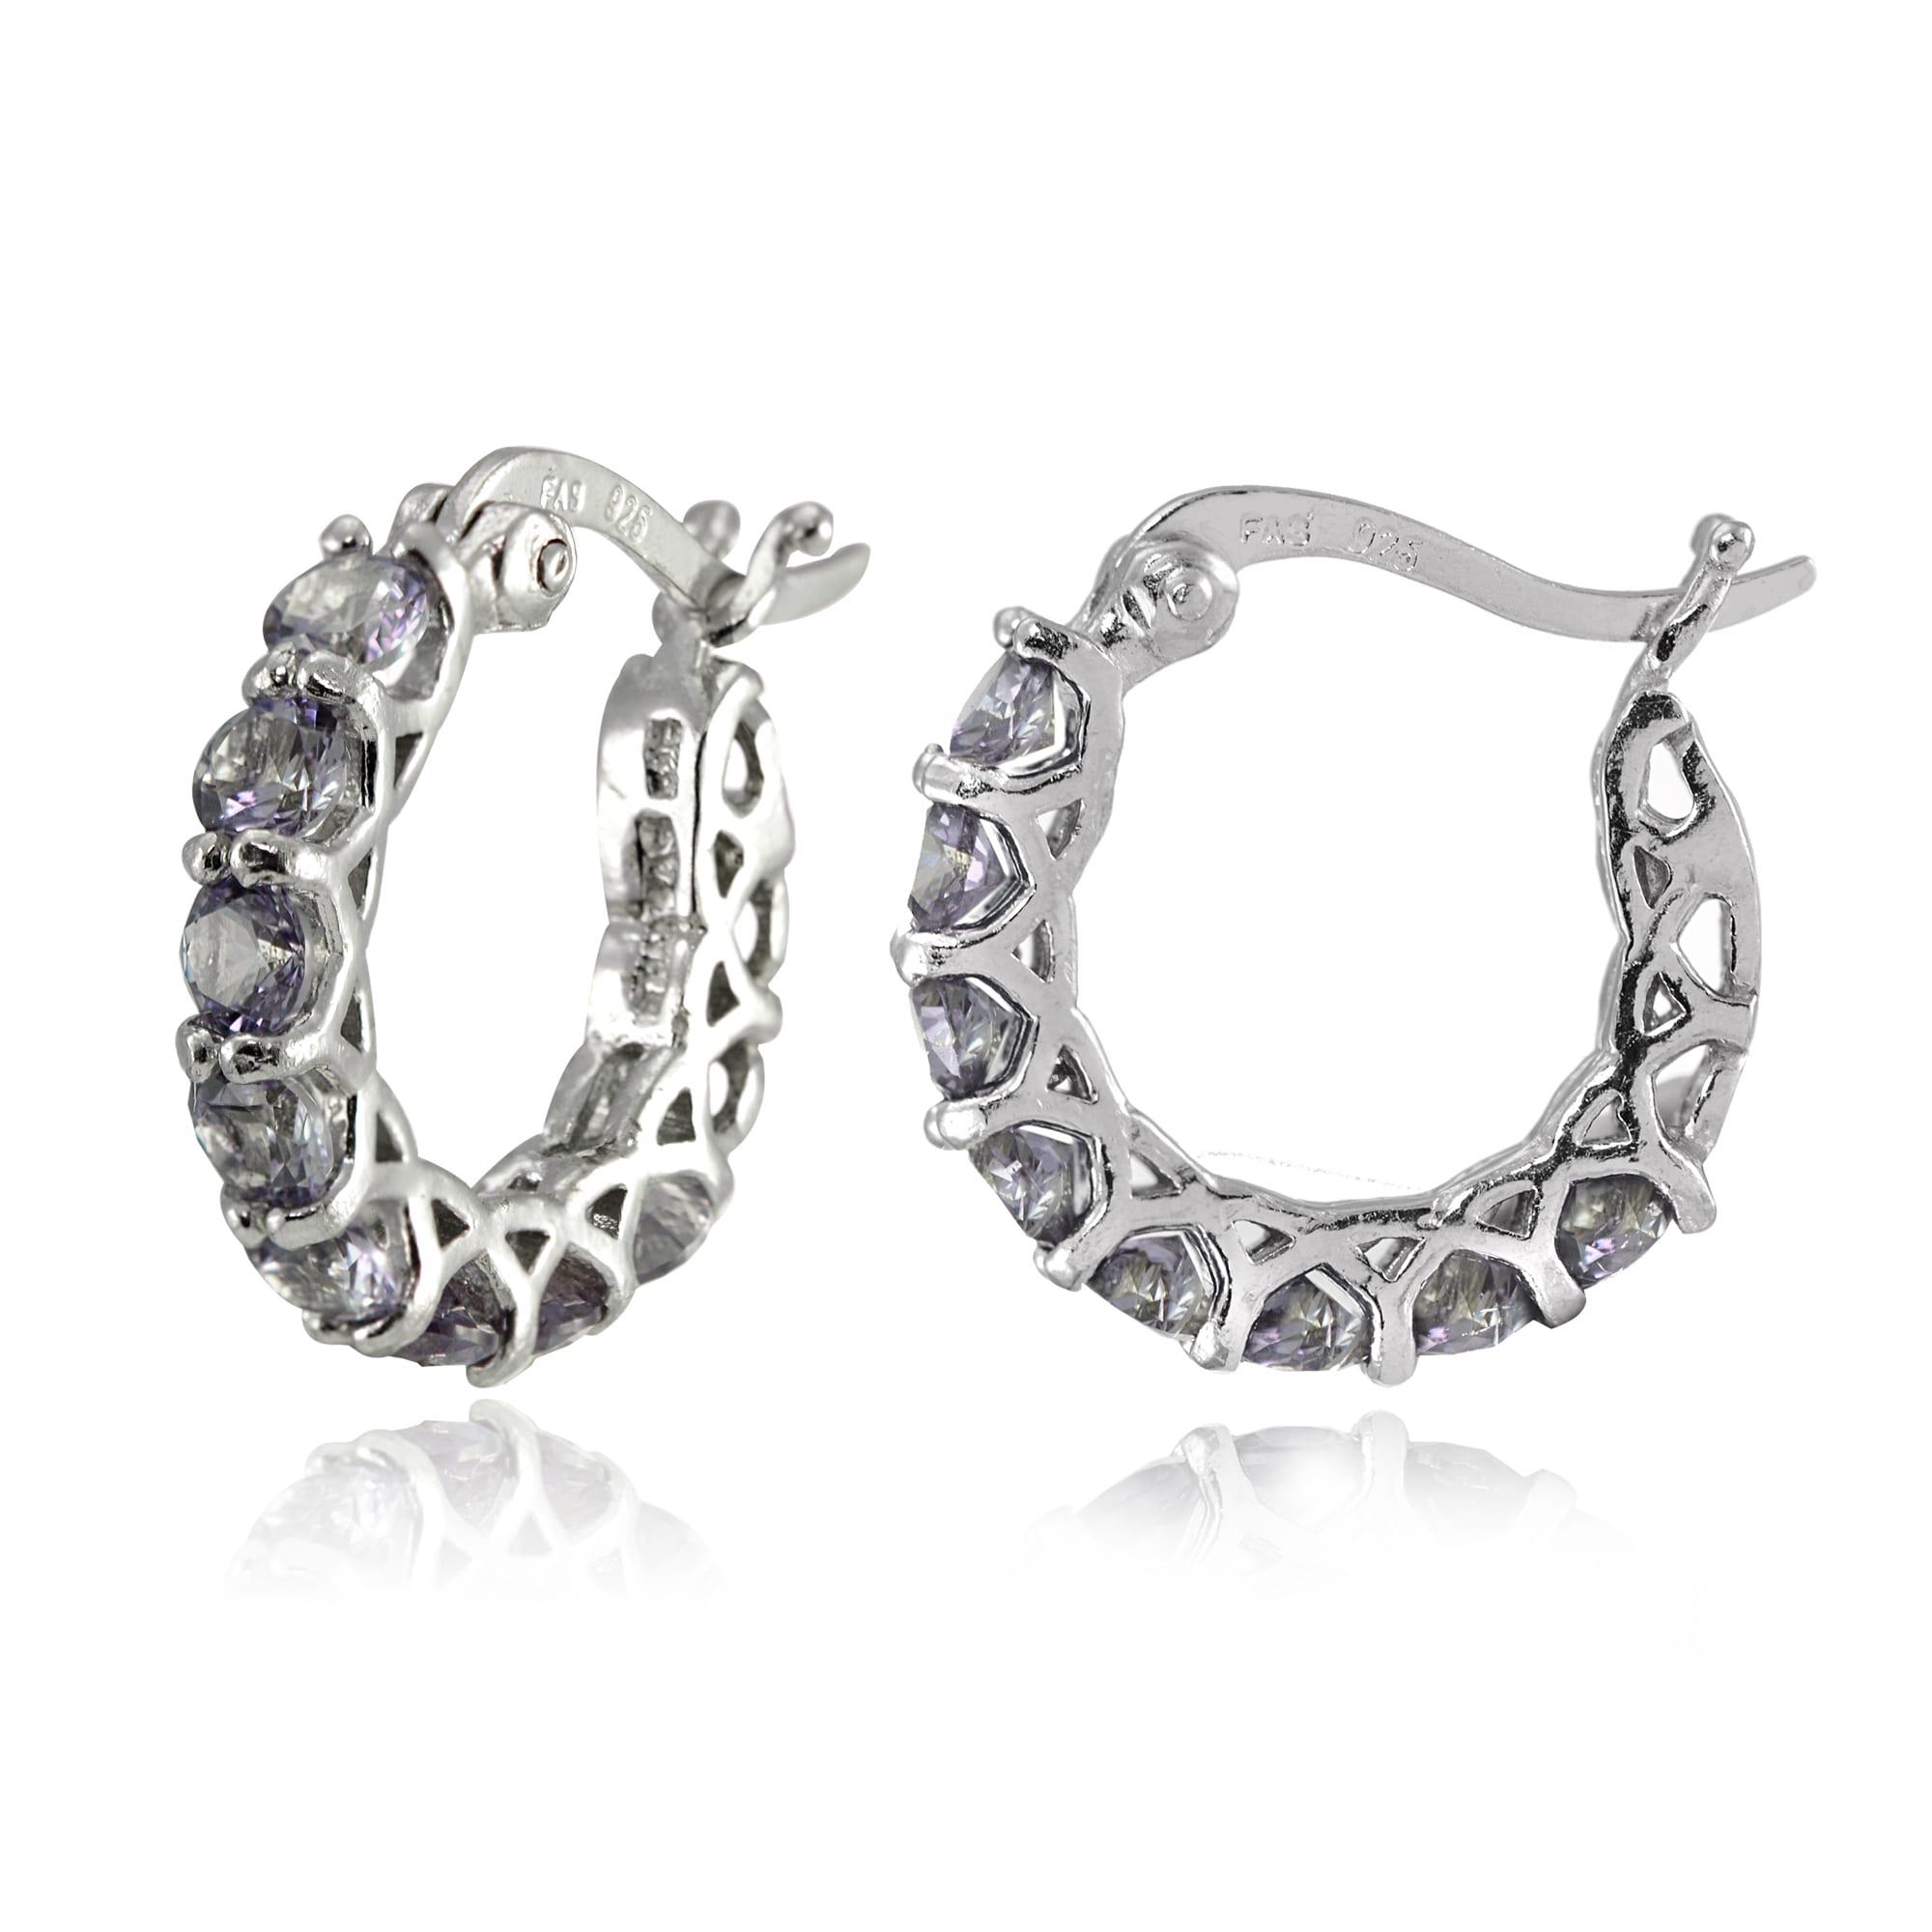 f56bcb8f1d520 Glitzy Rocks Sterling Silver Birthstone Gemstone Small Hoop Earrings